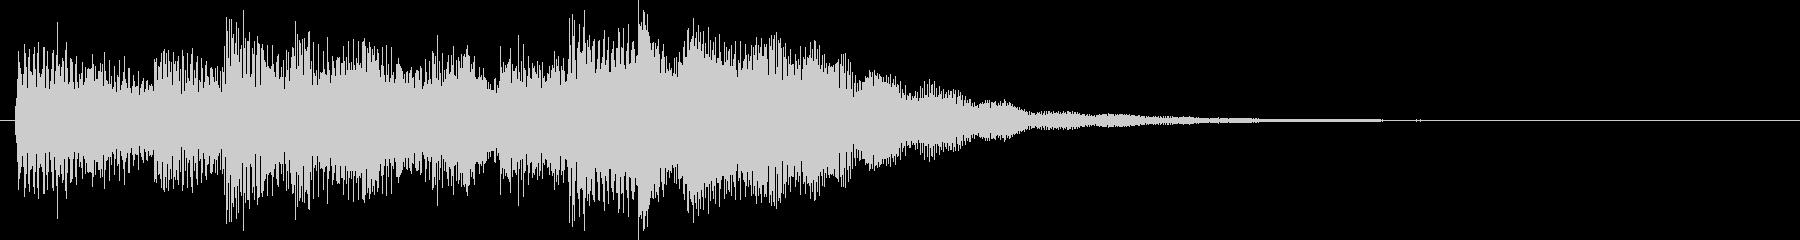 インフォメーションチャイム(にぎやか)の未再生の波形